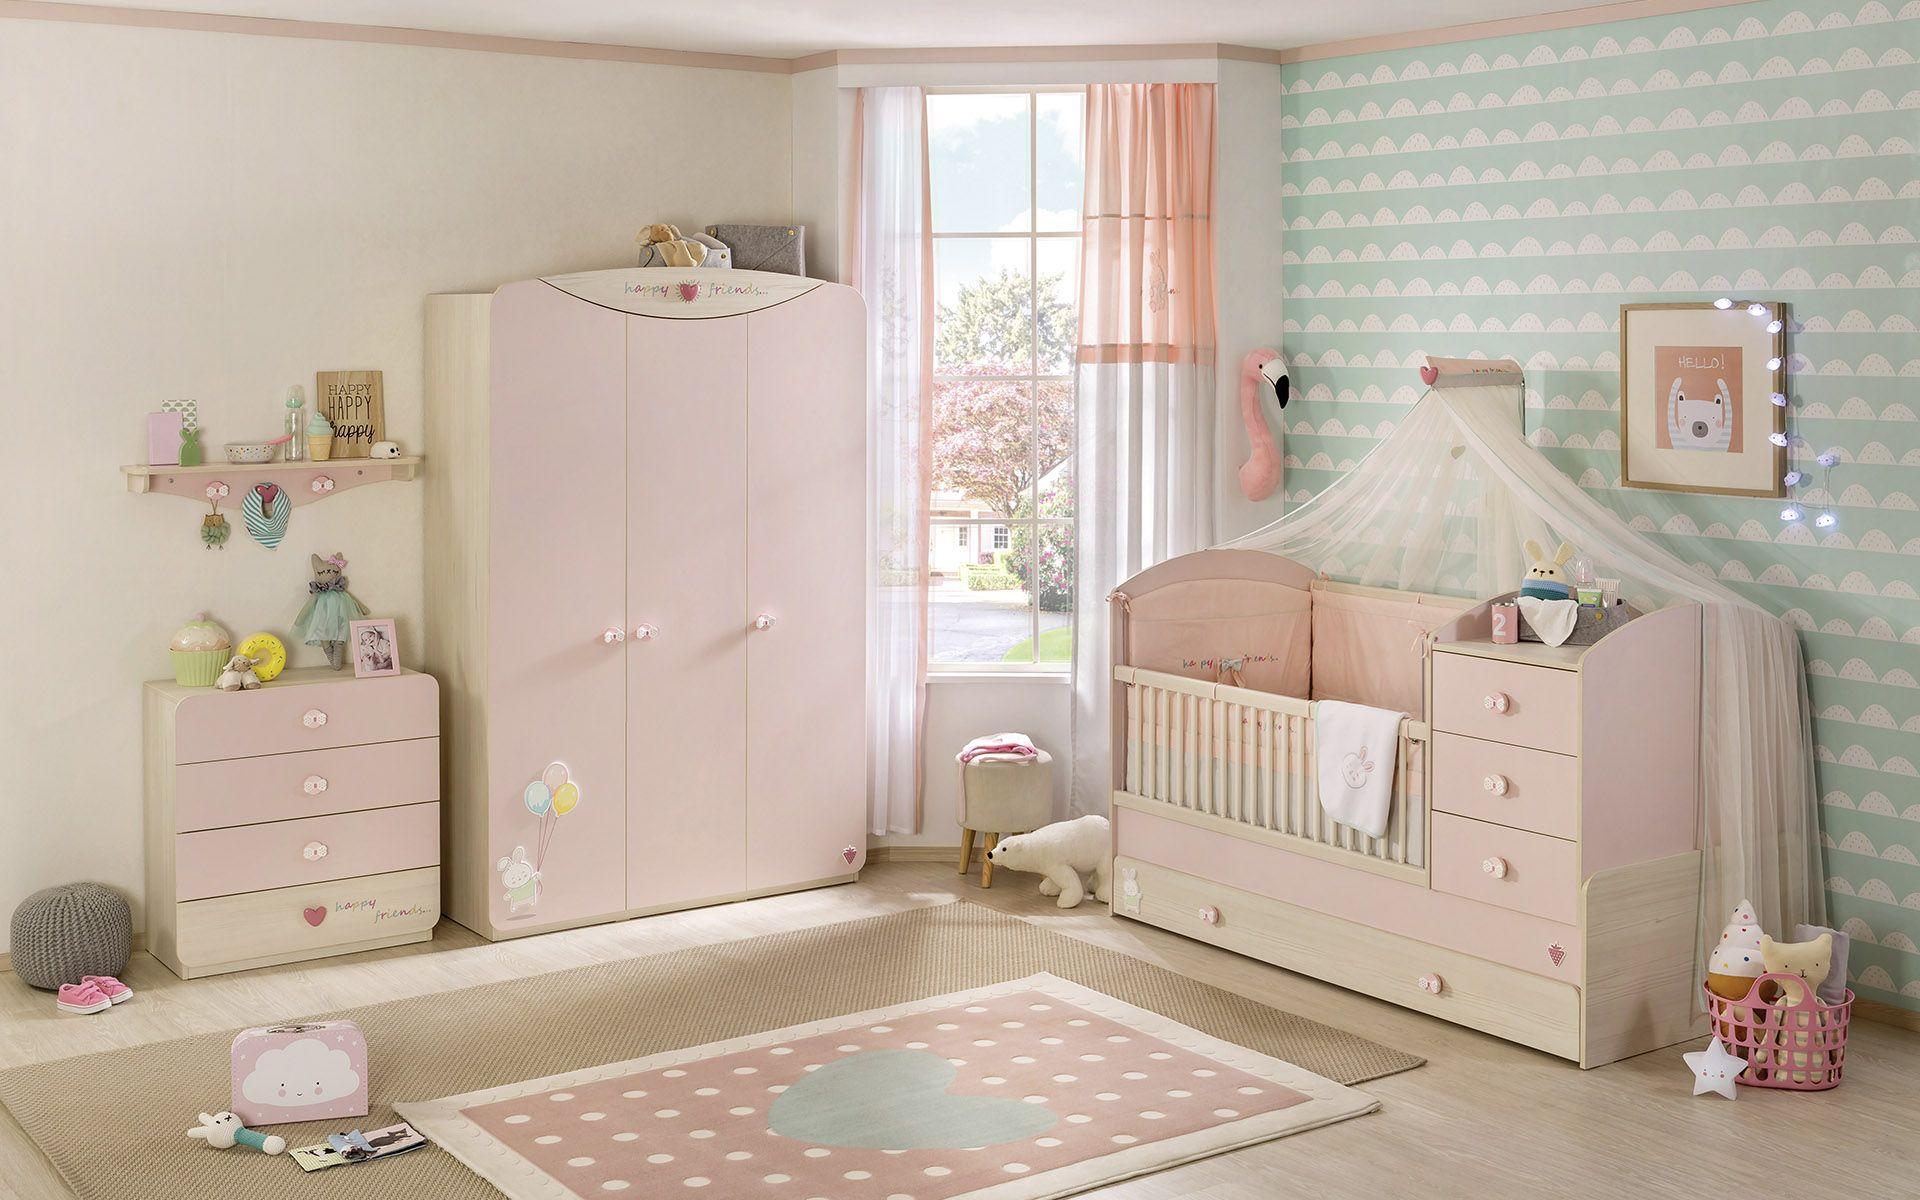 CHAMBRE BABY GIRL 1 – lit barreau – armoire – commode bébé – Cilek ...